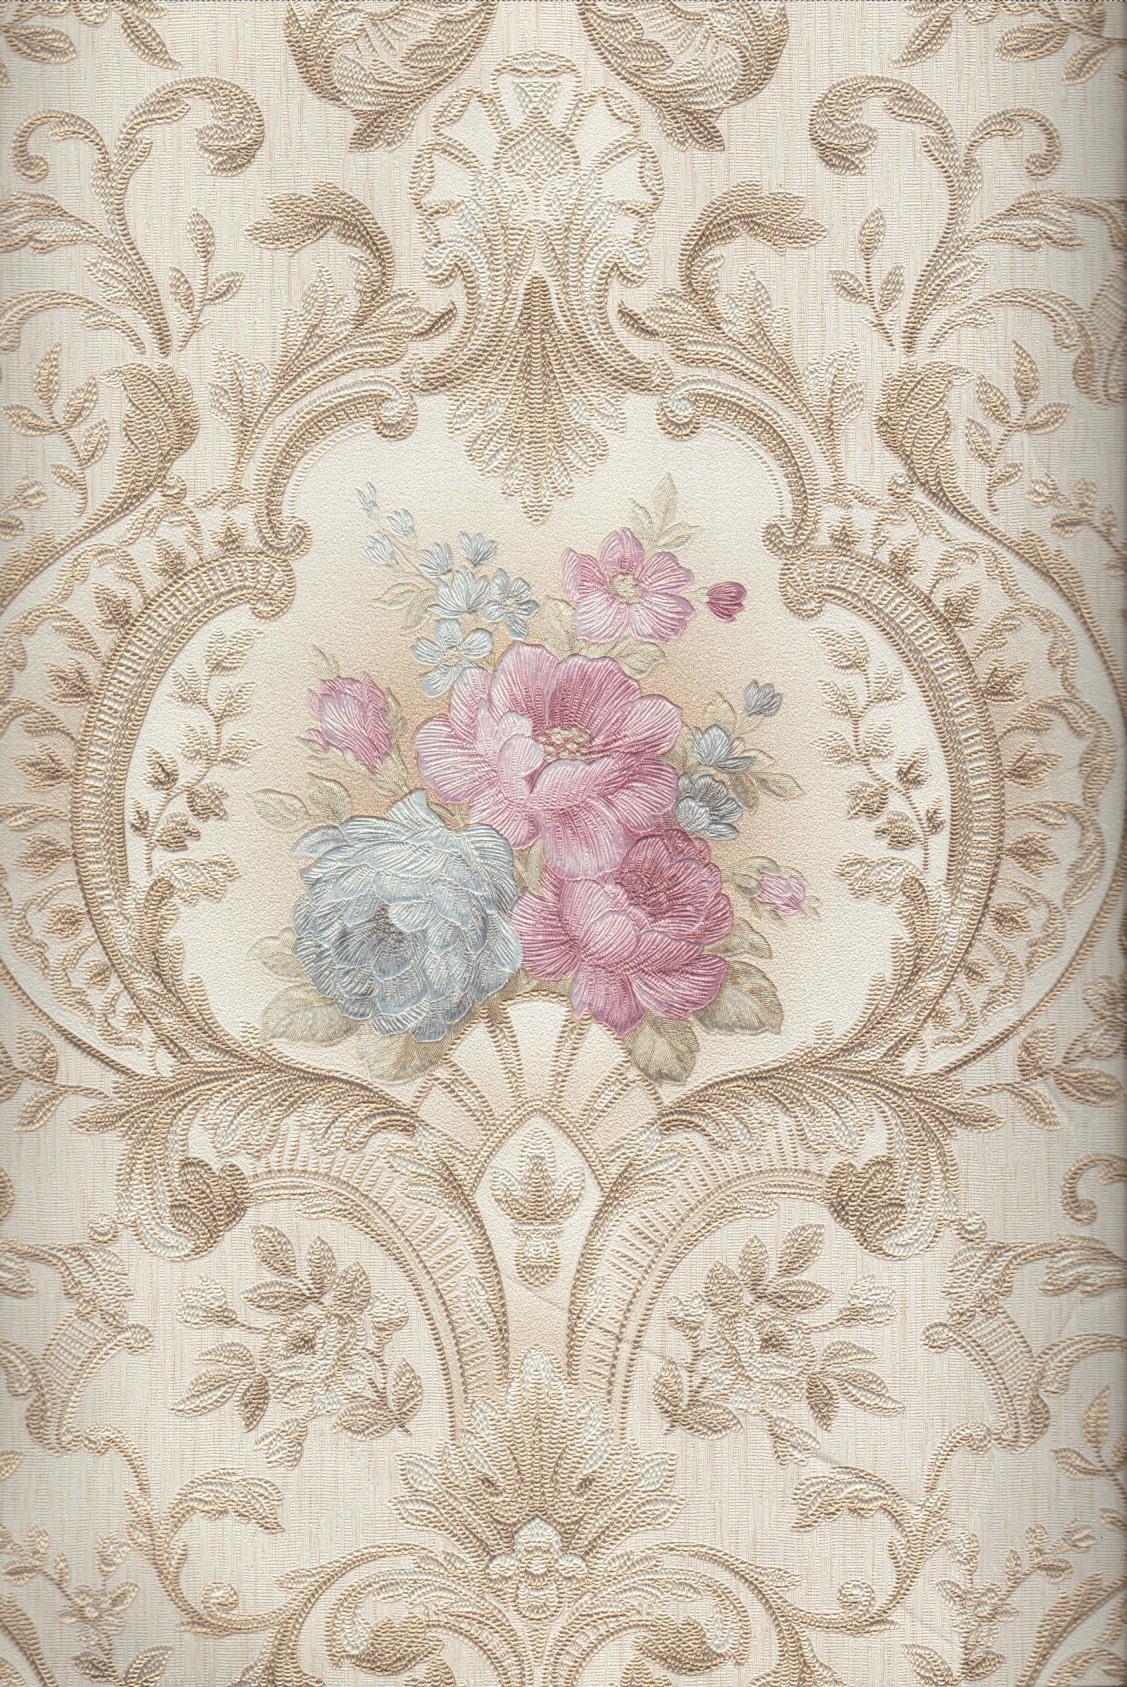 wallpaper   Wallpaper Bunga 4003-2:4003-2 corak  warna